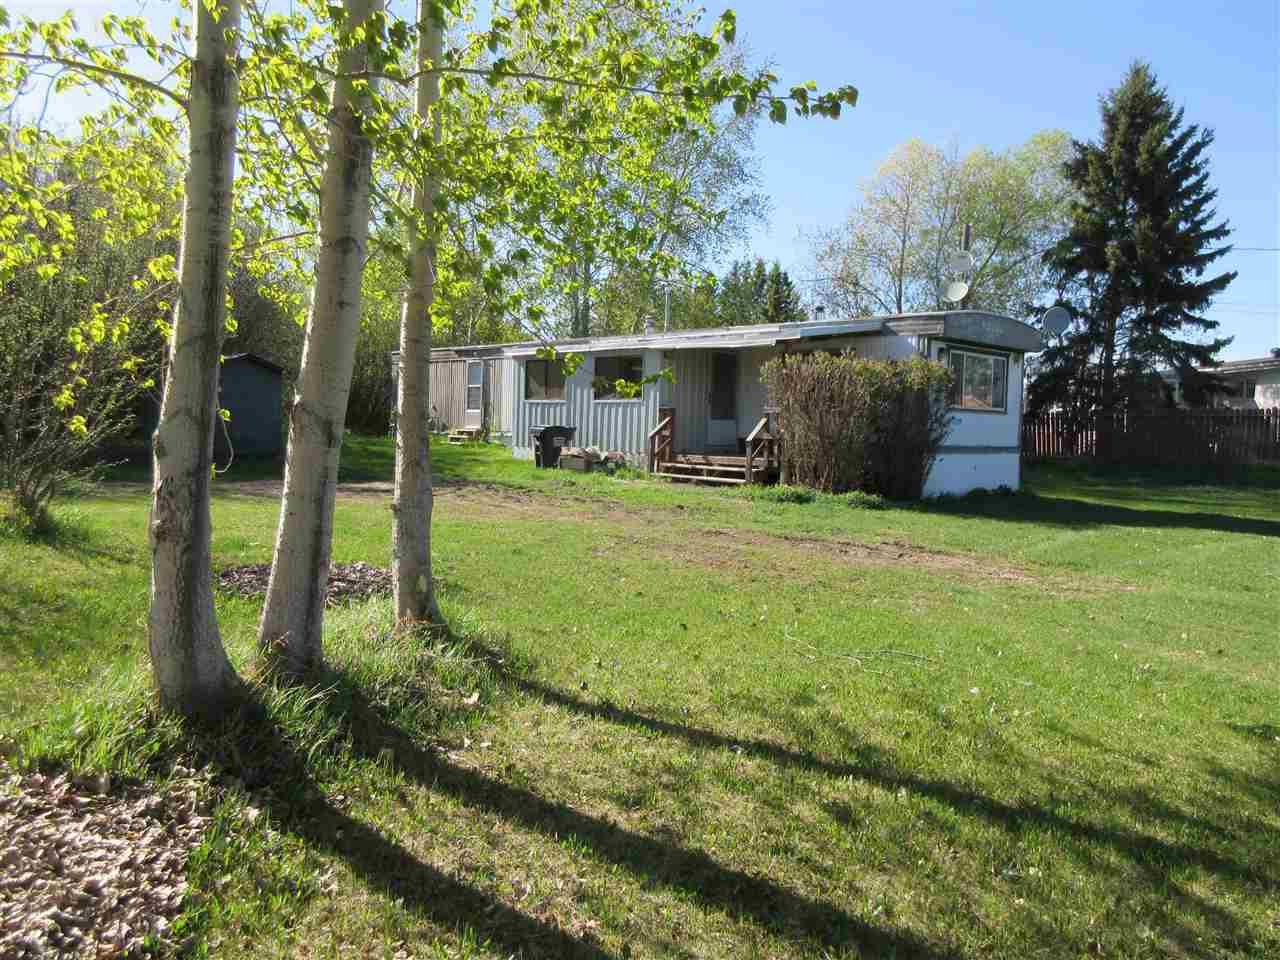 Main Photo: 602 4 Avenue: Thorhild House for sale : MLS®# E4158301